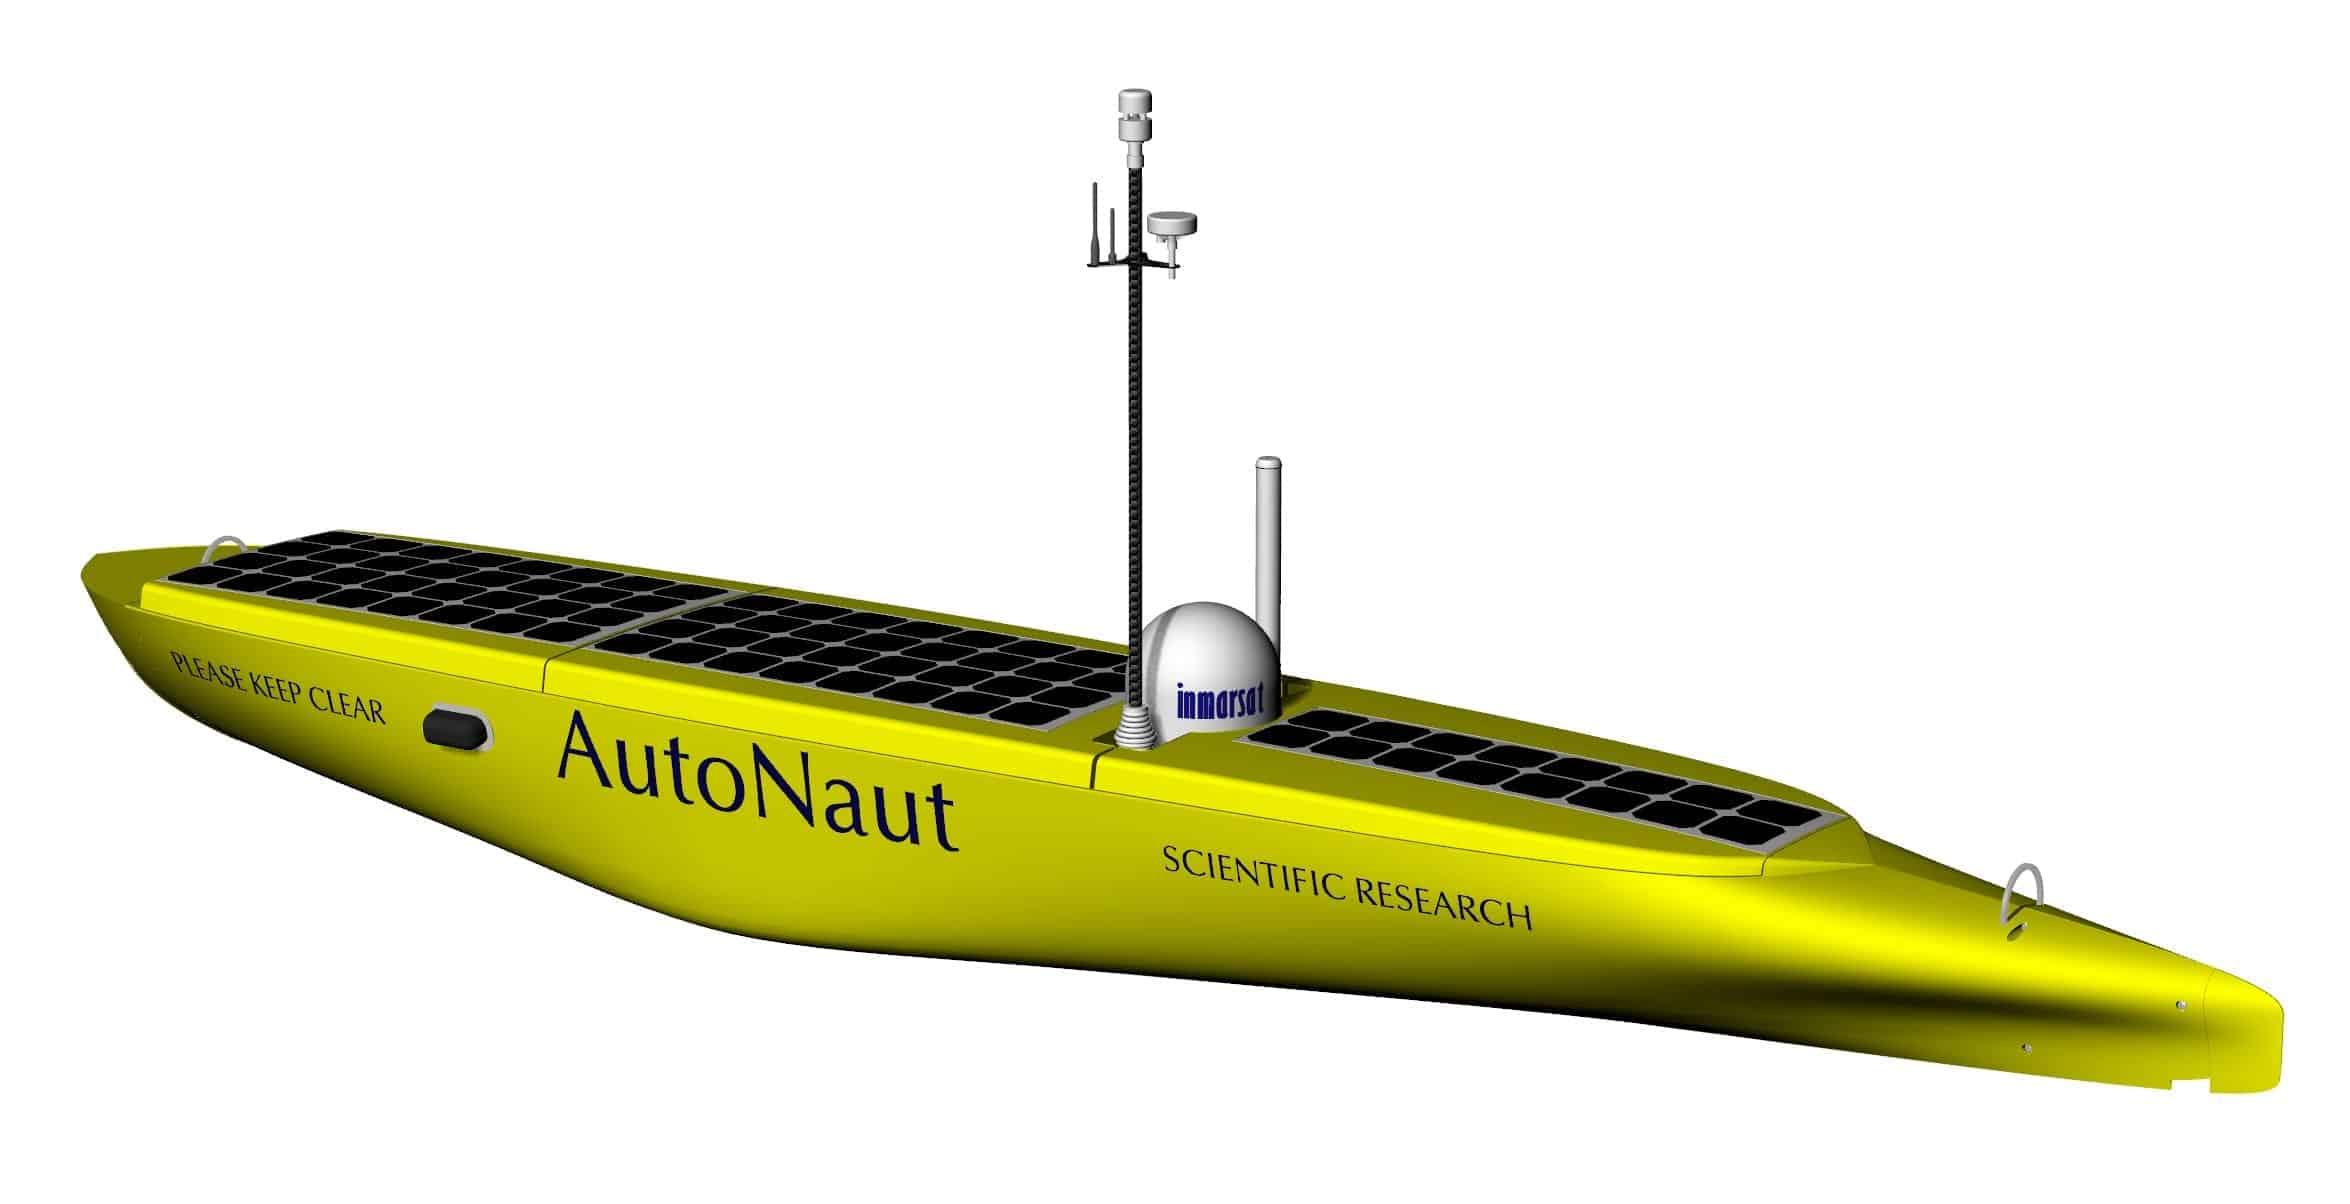 Most Autonomous Vessels Announces New 5m Autonaut Usv